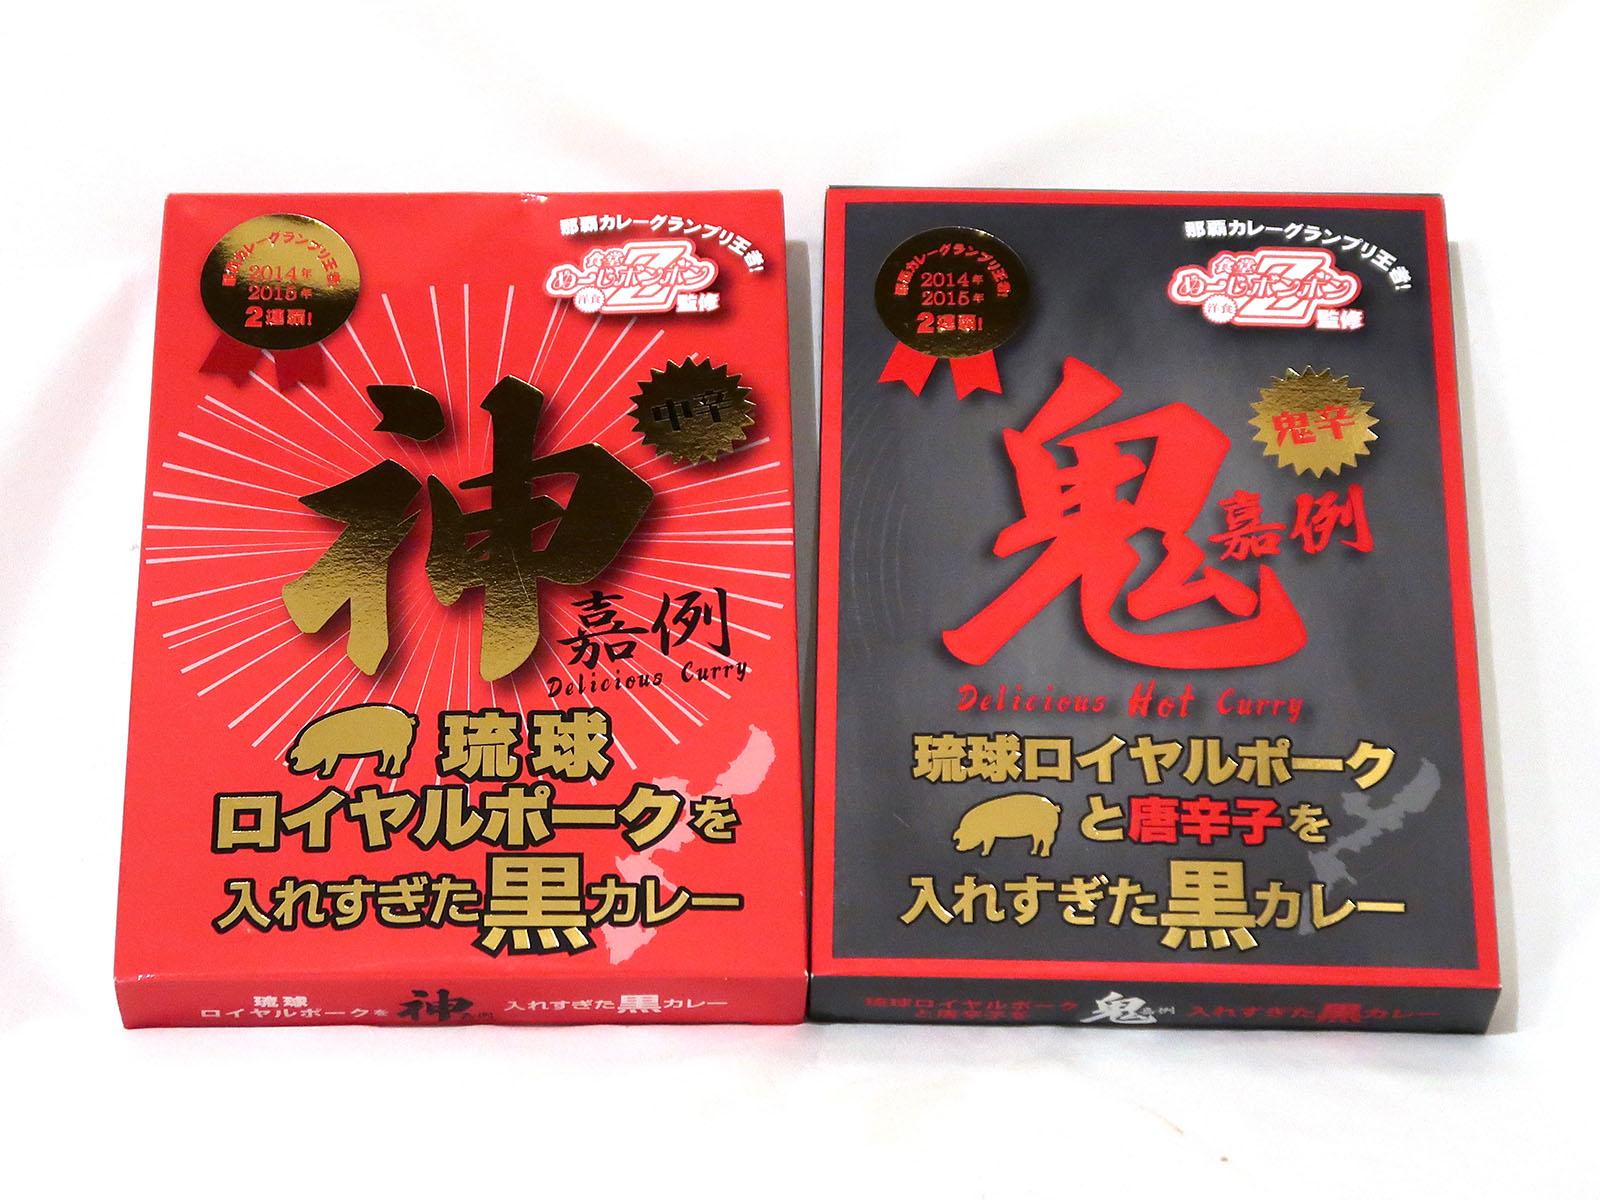 ぬーじボンボンZ 神カレー&鬼カレー